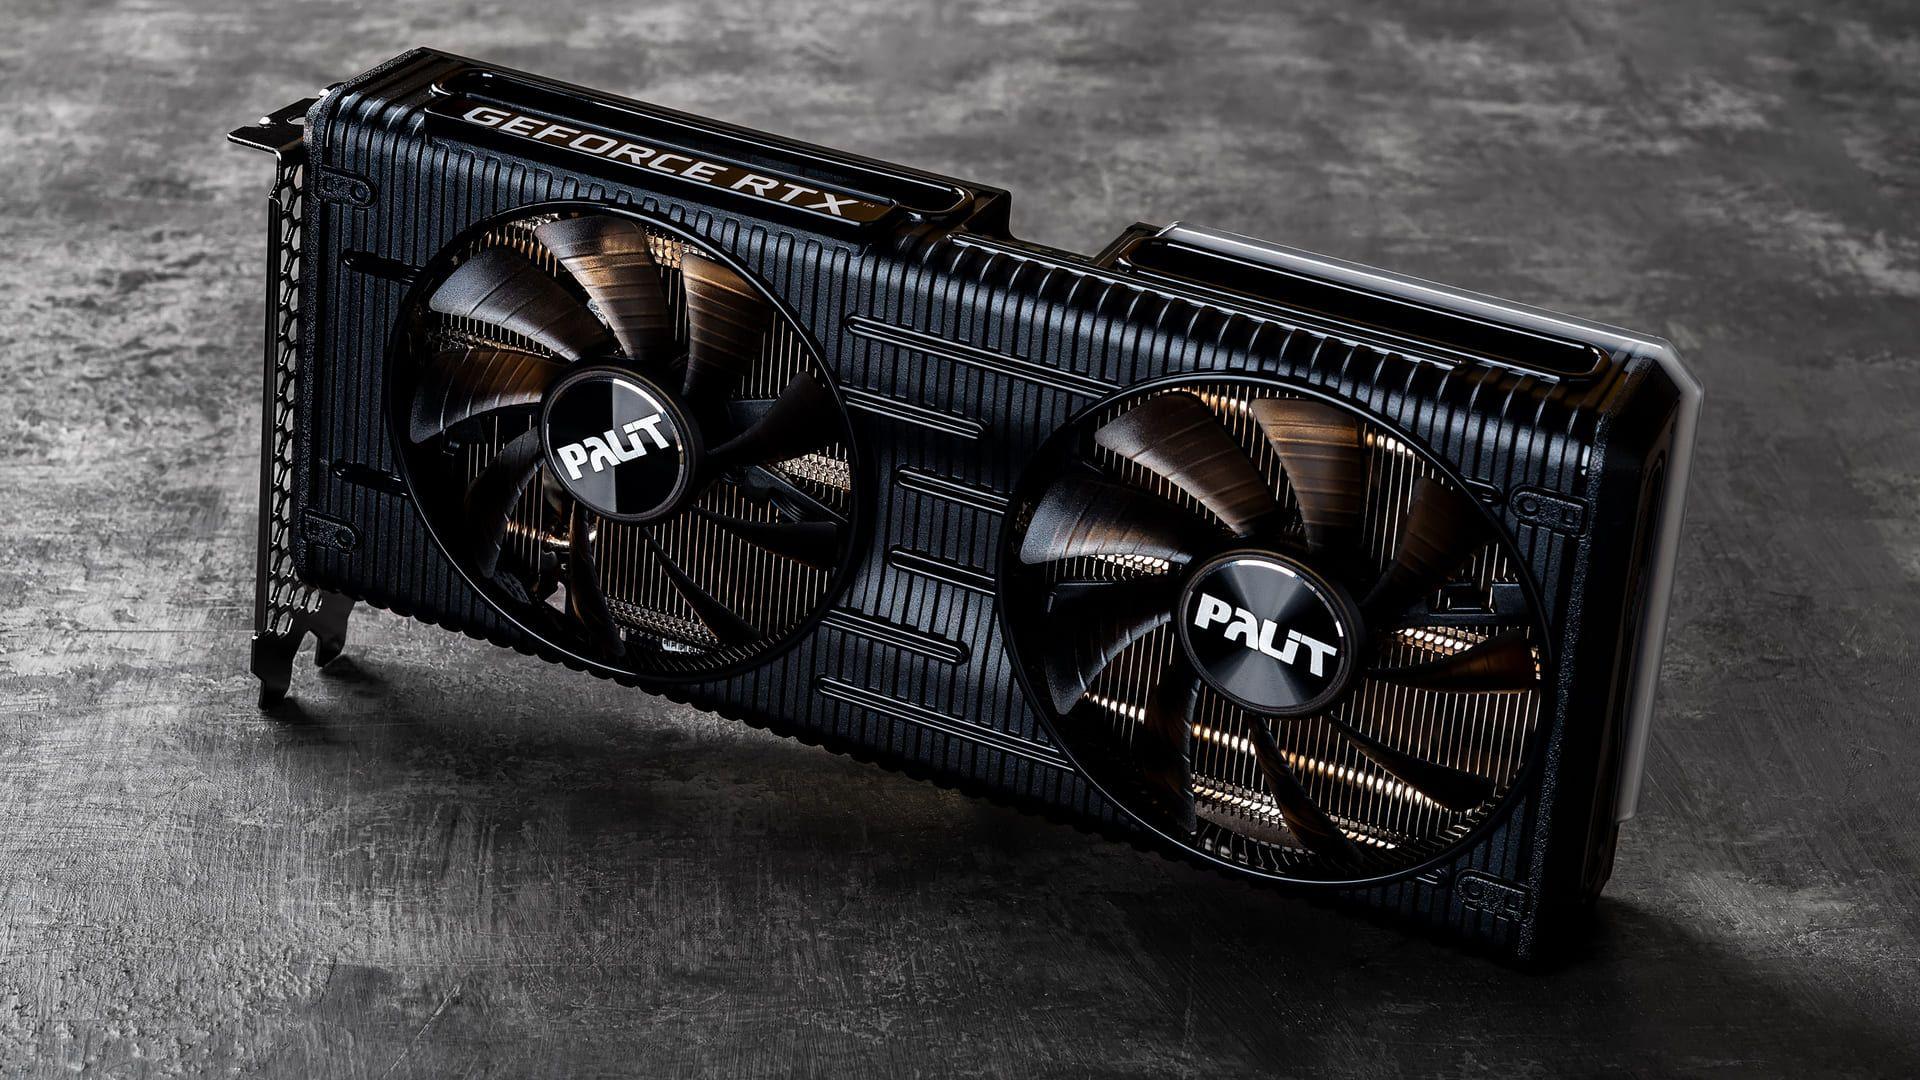 Placa de vídeo Palit Nvidia Geforce RTX 3060 Ti apoiada em um chão cinza.